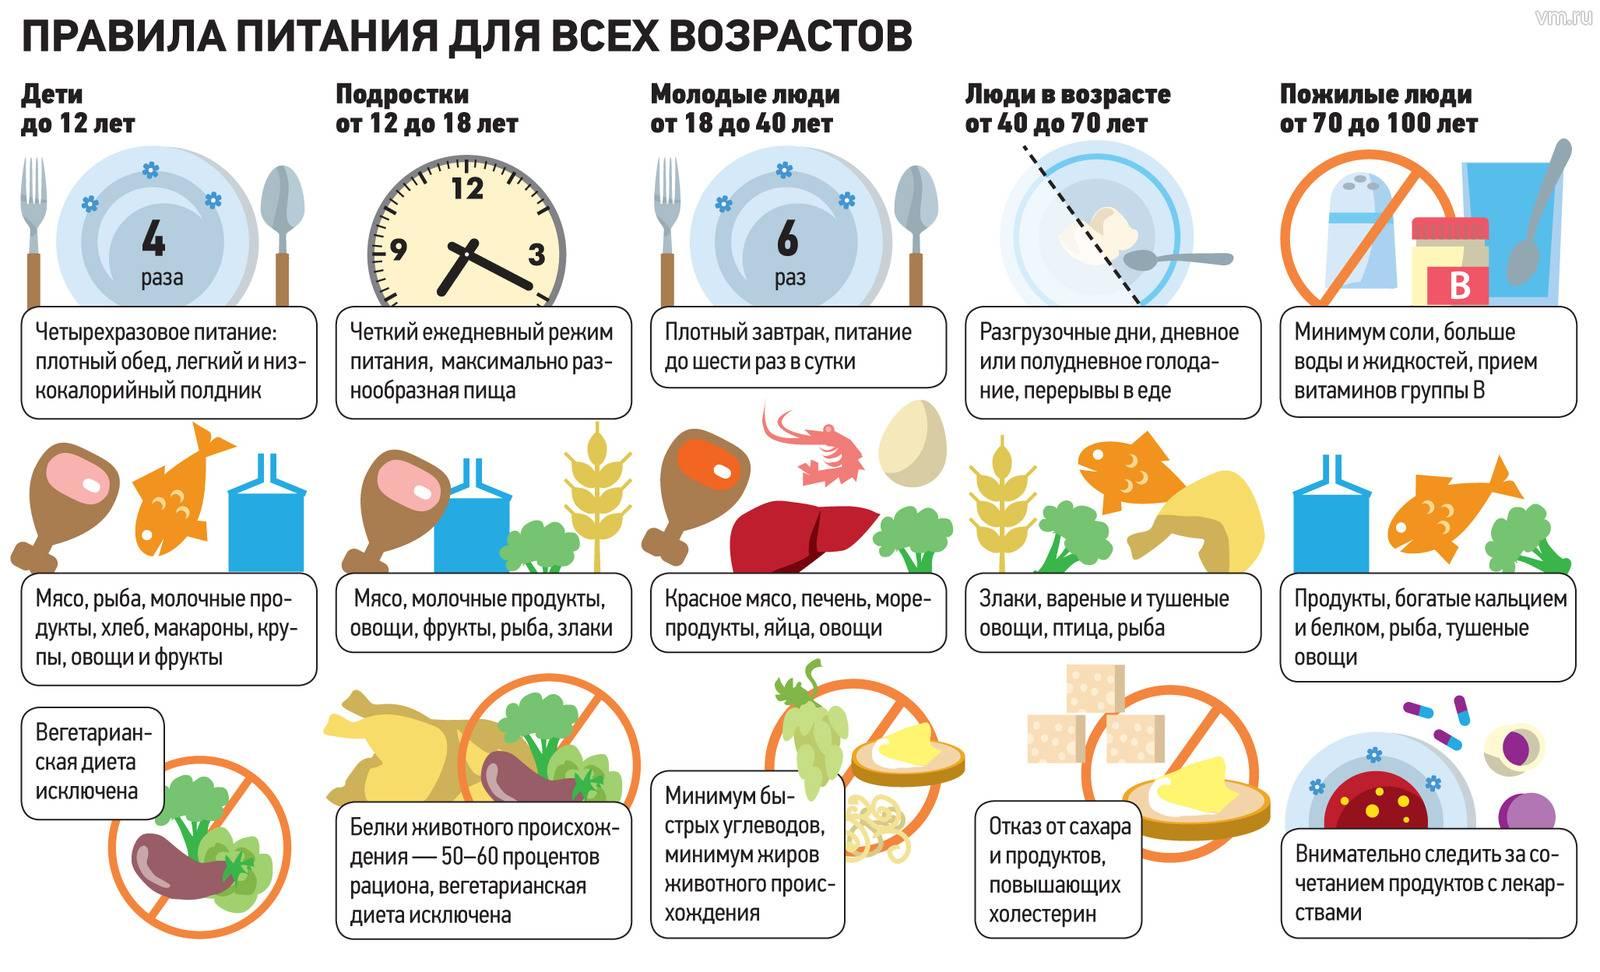 Питание и диета при себорейном дерматите у взрослых: что можно и нельзя есть?